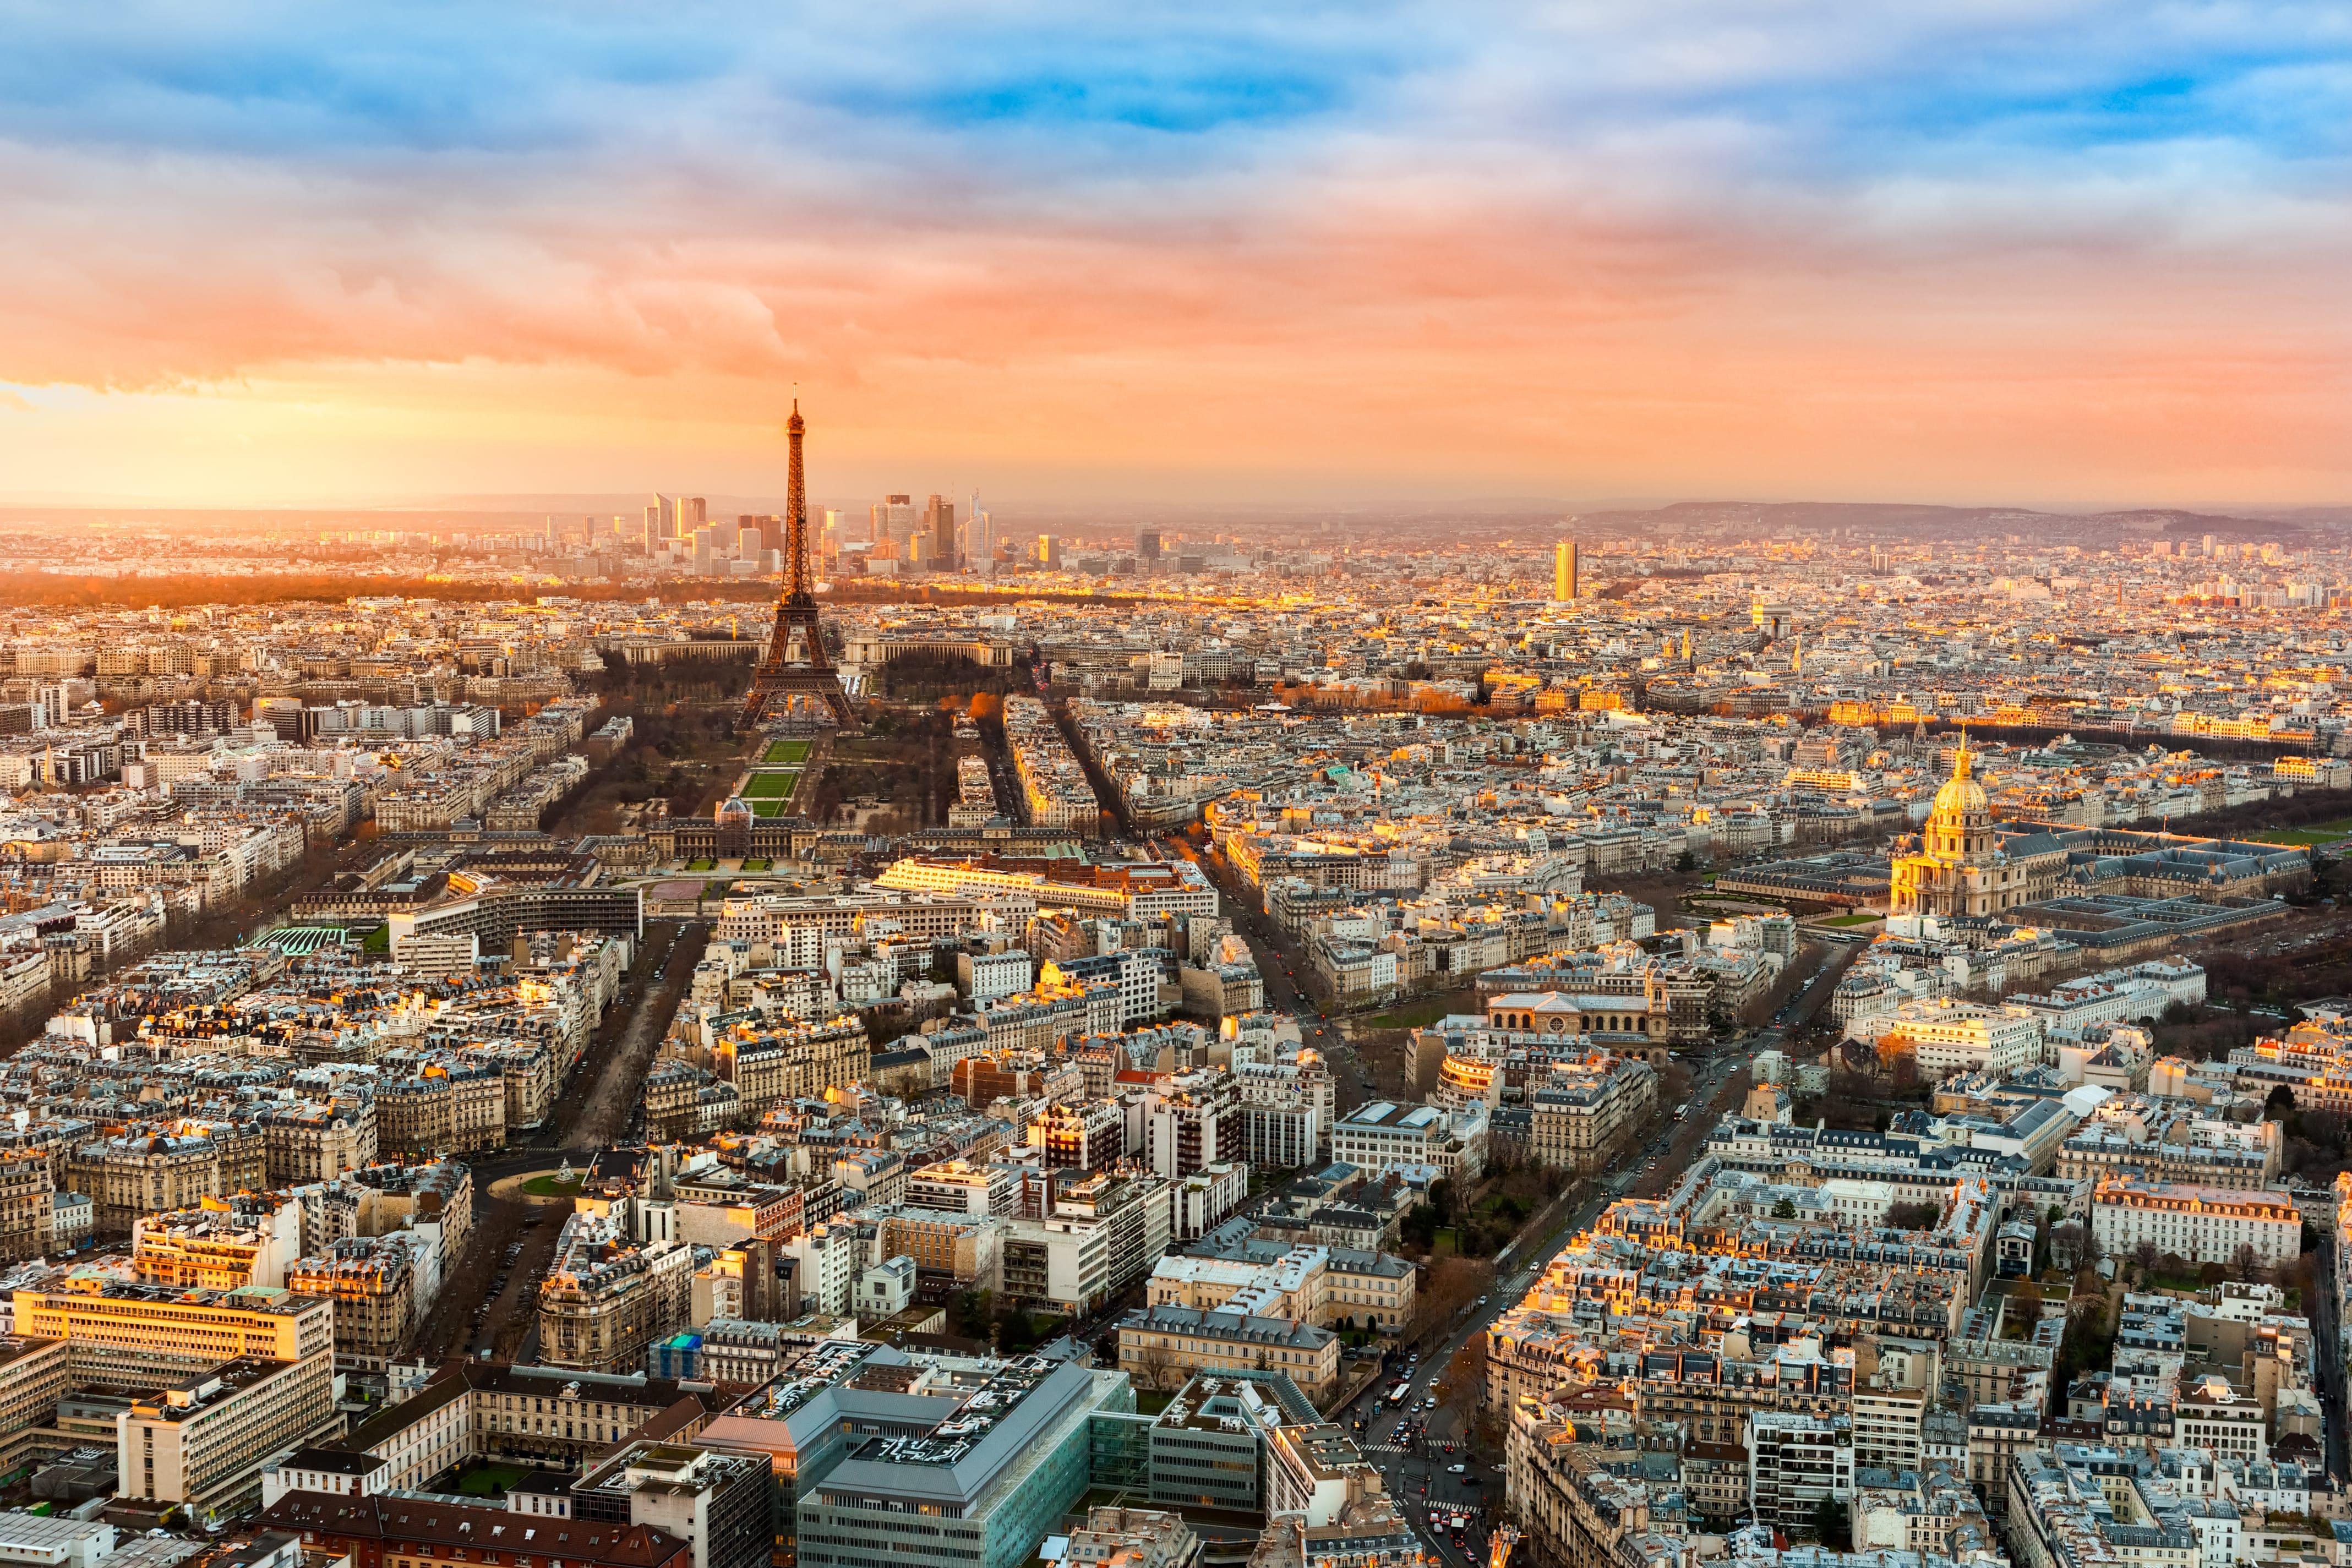 프랑스 파리 개선문 전망대 :: 야경 시간/입장료/위치